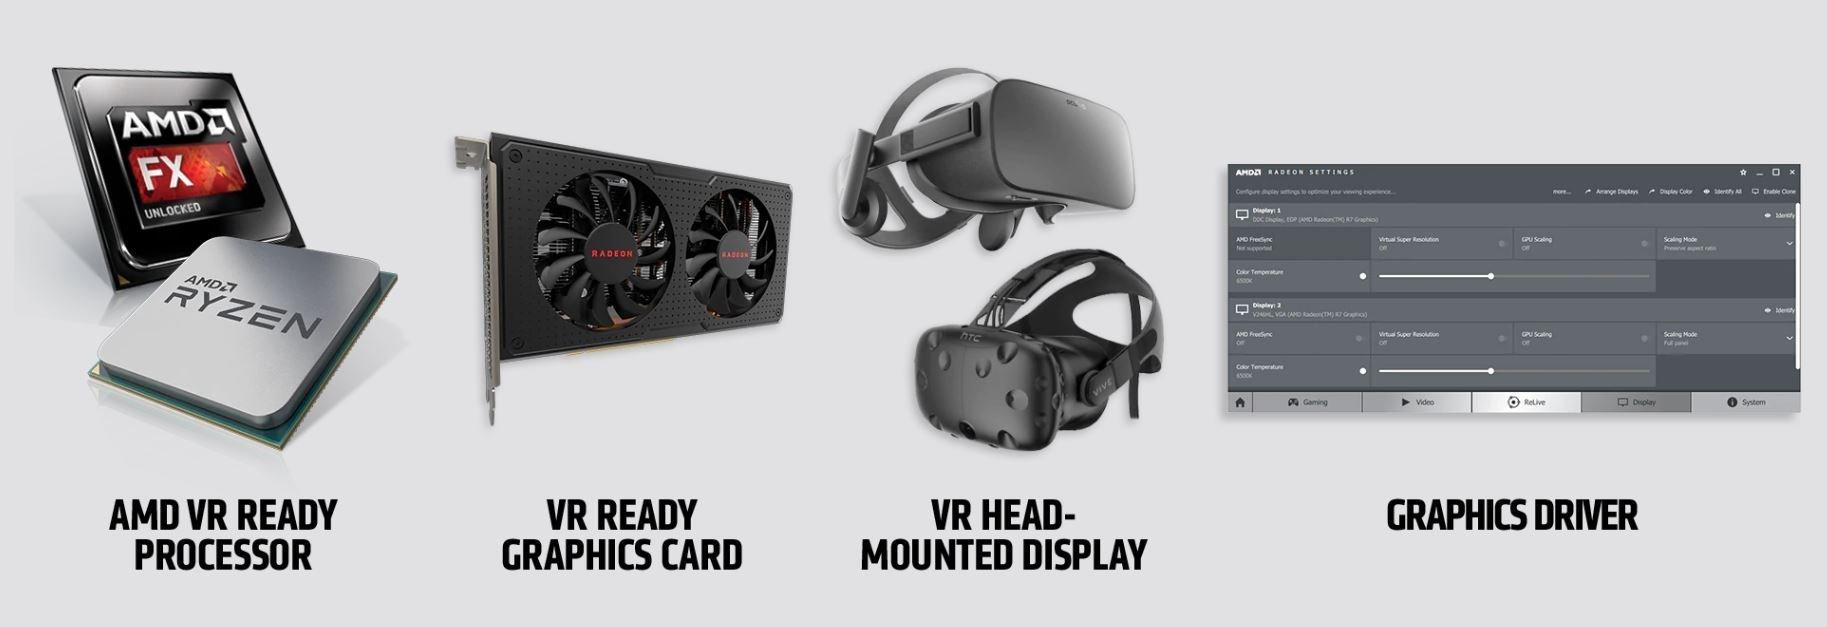 Giải phóng sức mạnh của GPU AMD Radeon ™ với Radeon ™ Adrenalin 2019 Edition mới - 249707